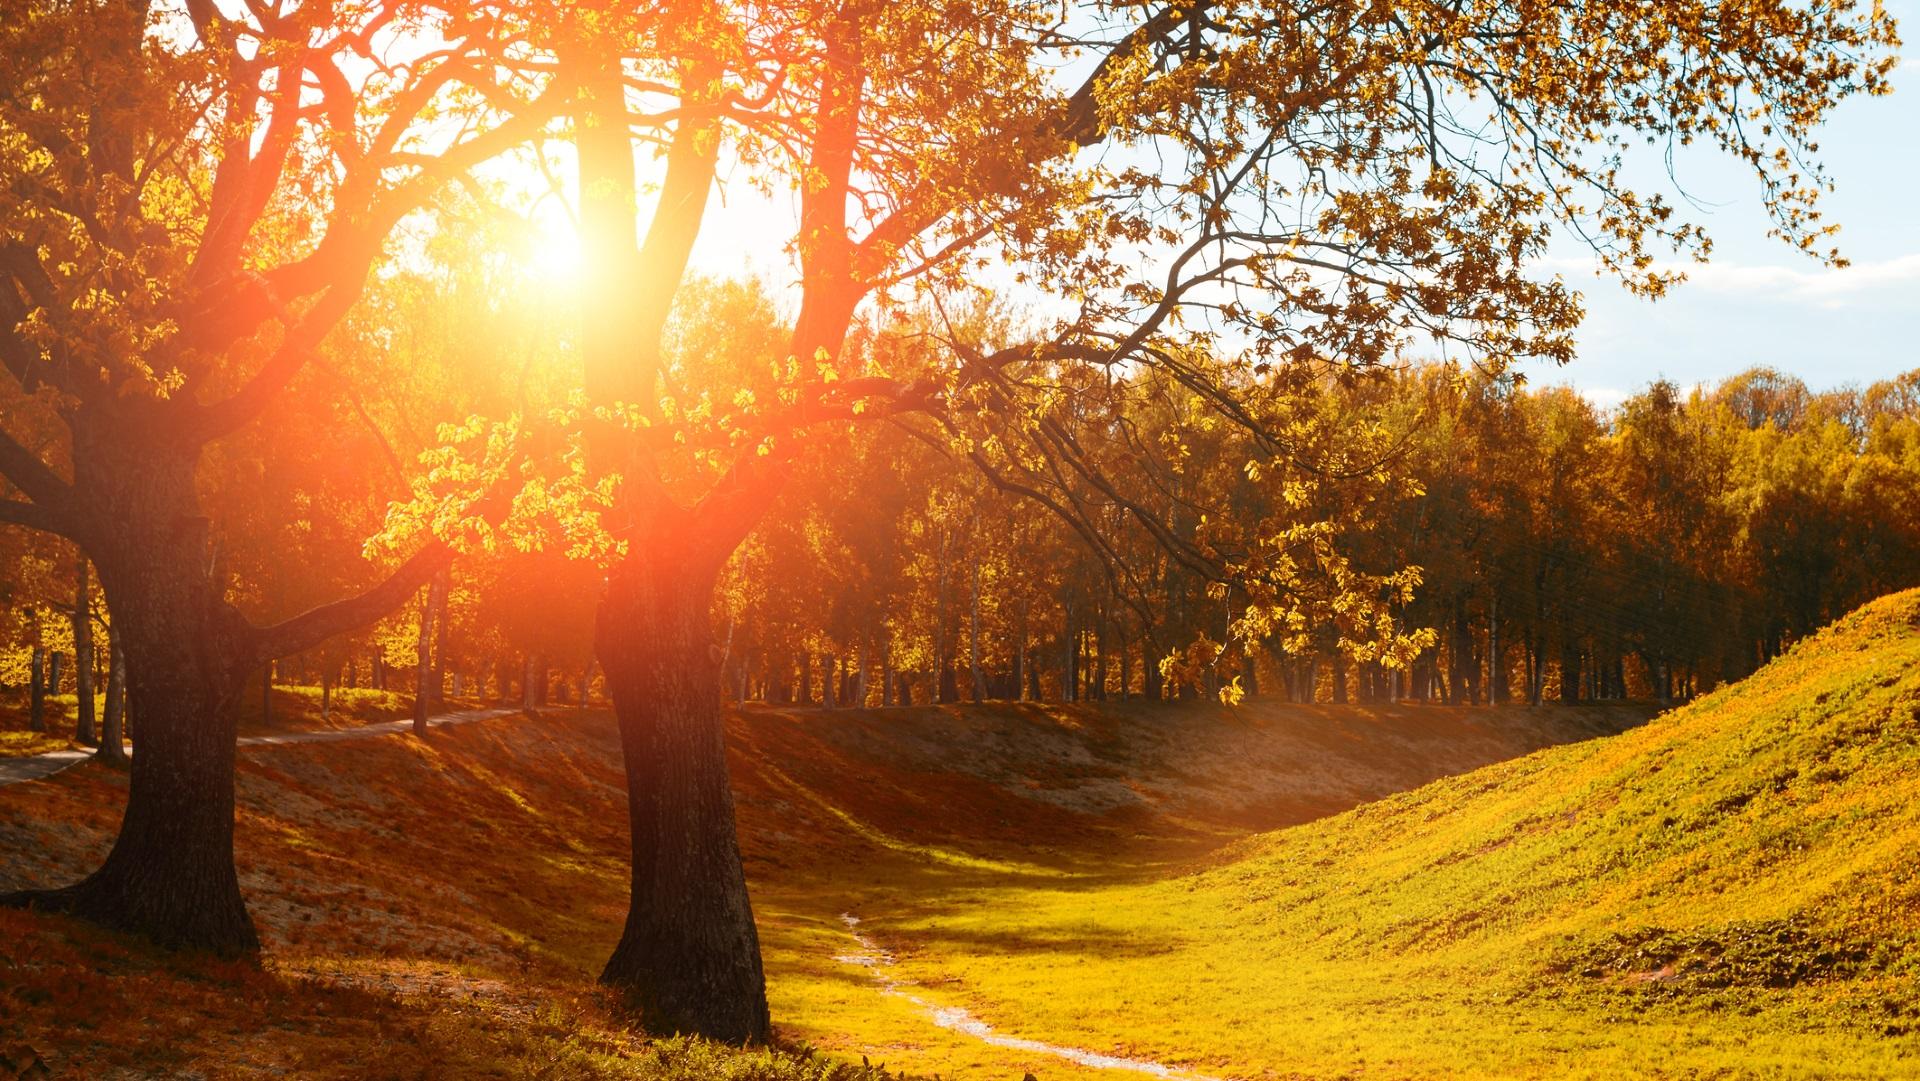 <p>Недостатъчно слънчева светлина: Това може и да не изглежда като нещо, свързано с напълняването, но съществуват индикации, че слънцето подпомага активирането на метаболизма в ранната част на деня. Проучване доказва, че UV лъчите рано сутрин са полезни. Те снабдяват тялото с енергия, докато стимулират метаболитната активност. 20-30 минути дневна светлина е достатъчна, за да се отрази върху теглото ви.</p>